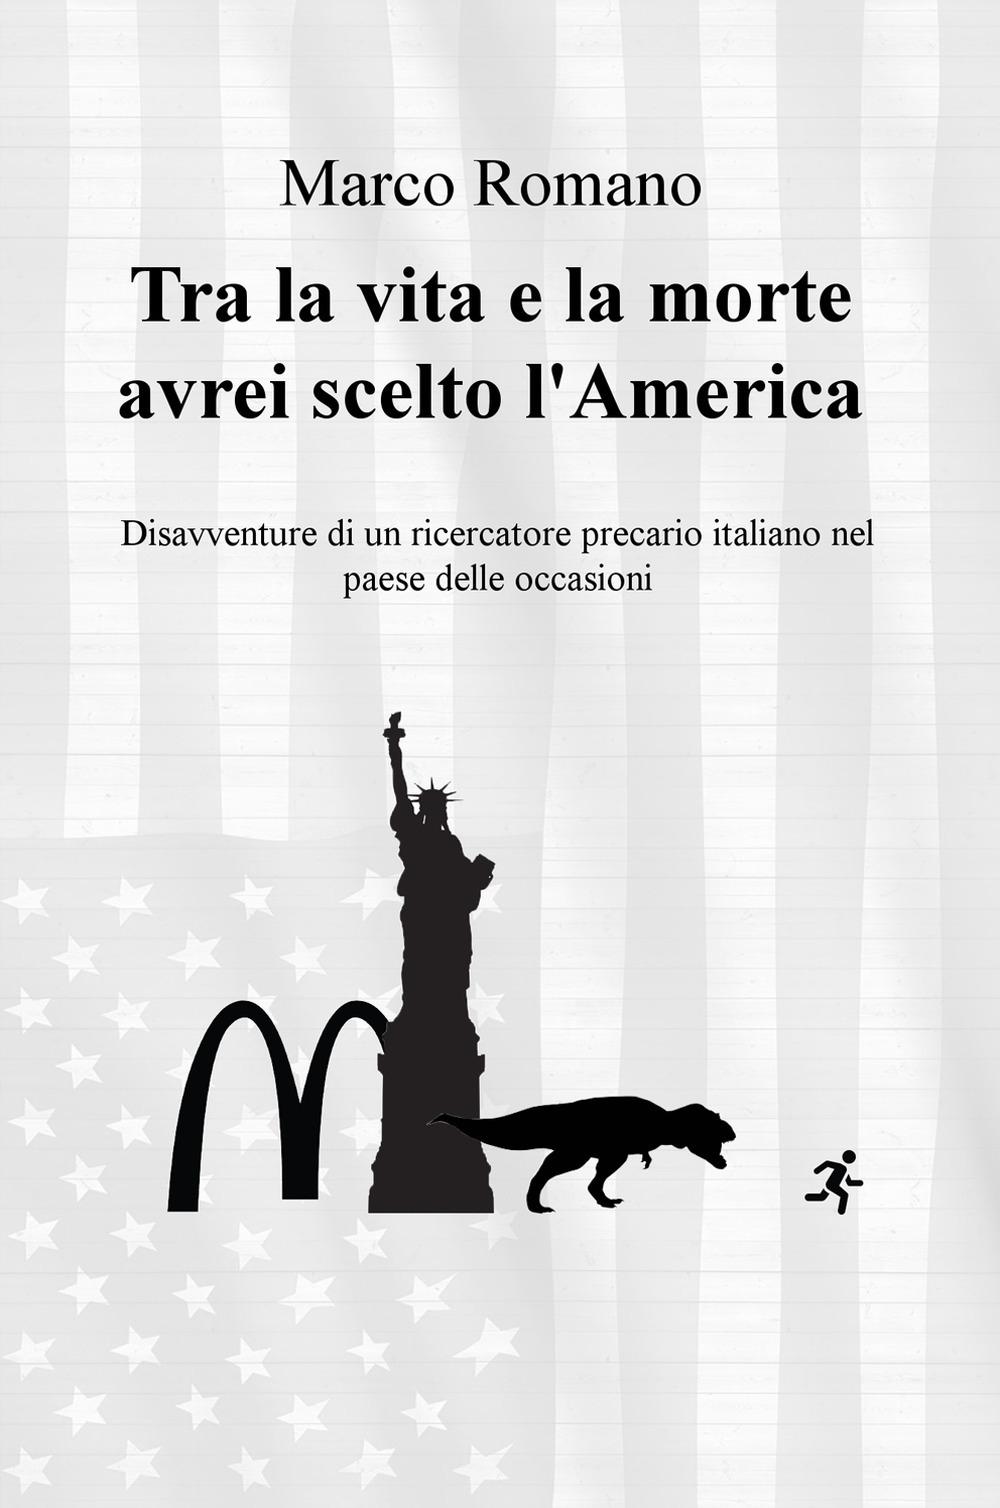 Tra la vita e la morte avrei scelto l'America. Disavventure di un ricercatore precario italiano nel Paese delle occasioni